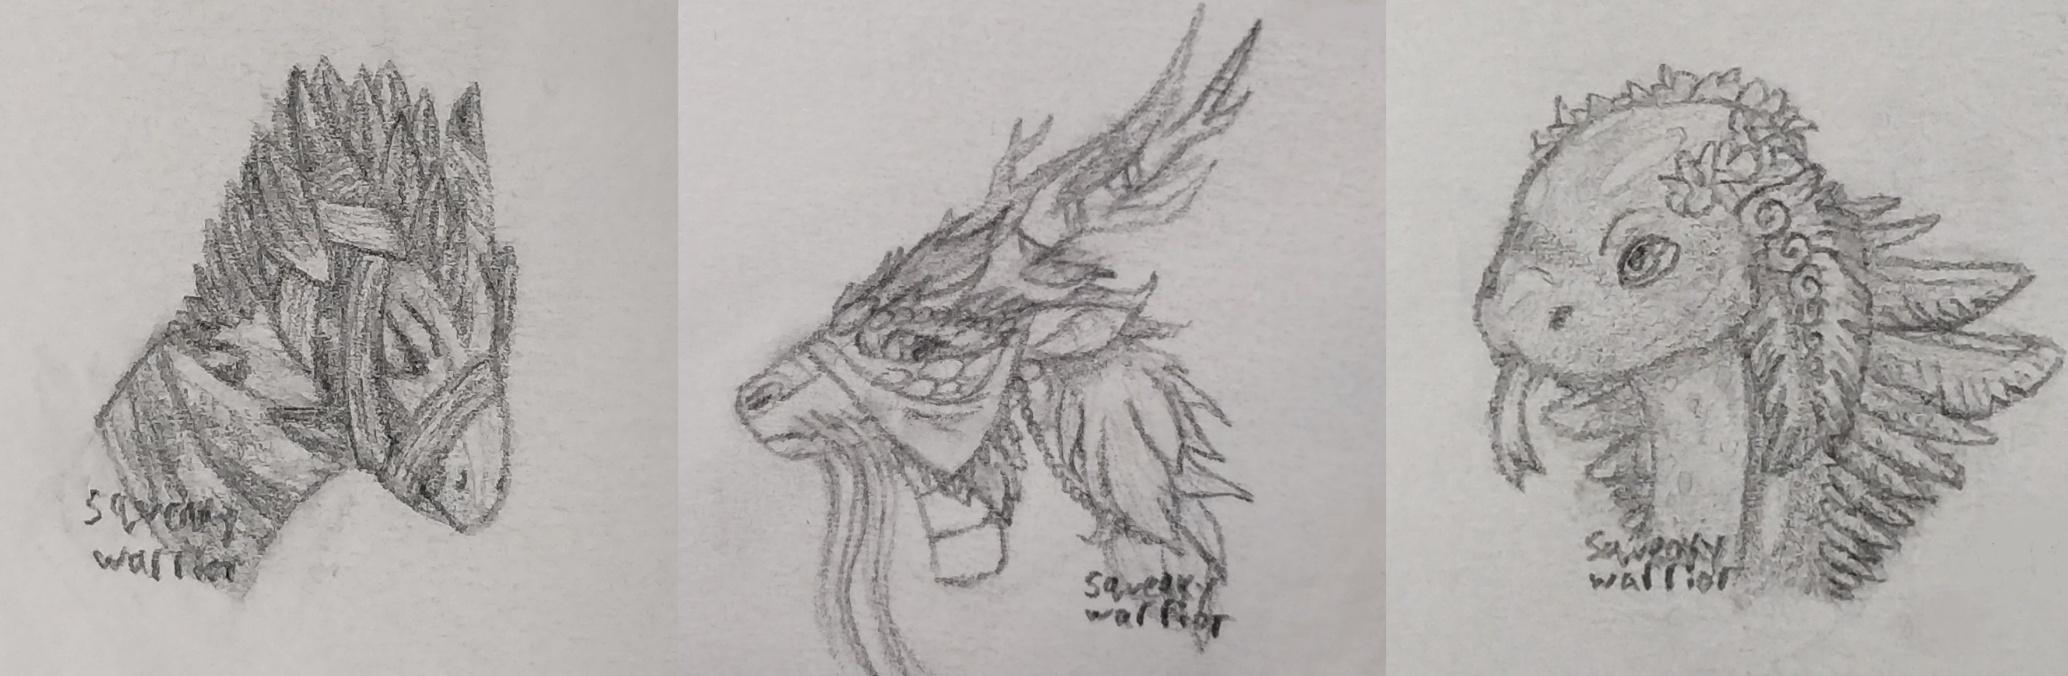 sketch-1587252306853.jpg